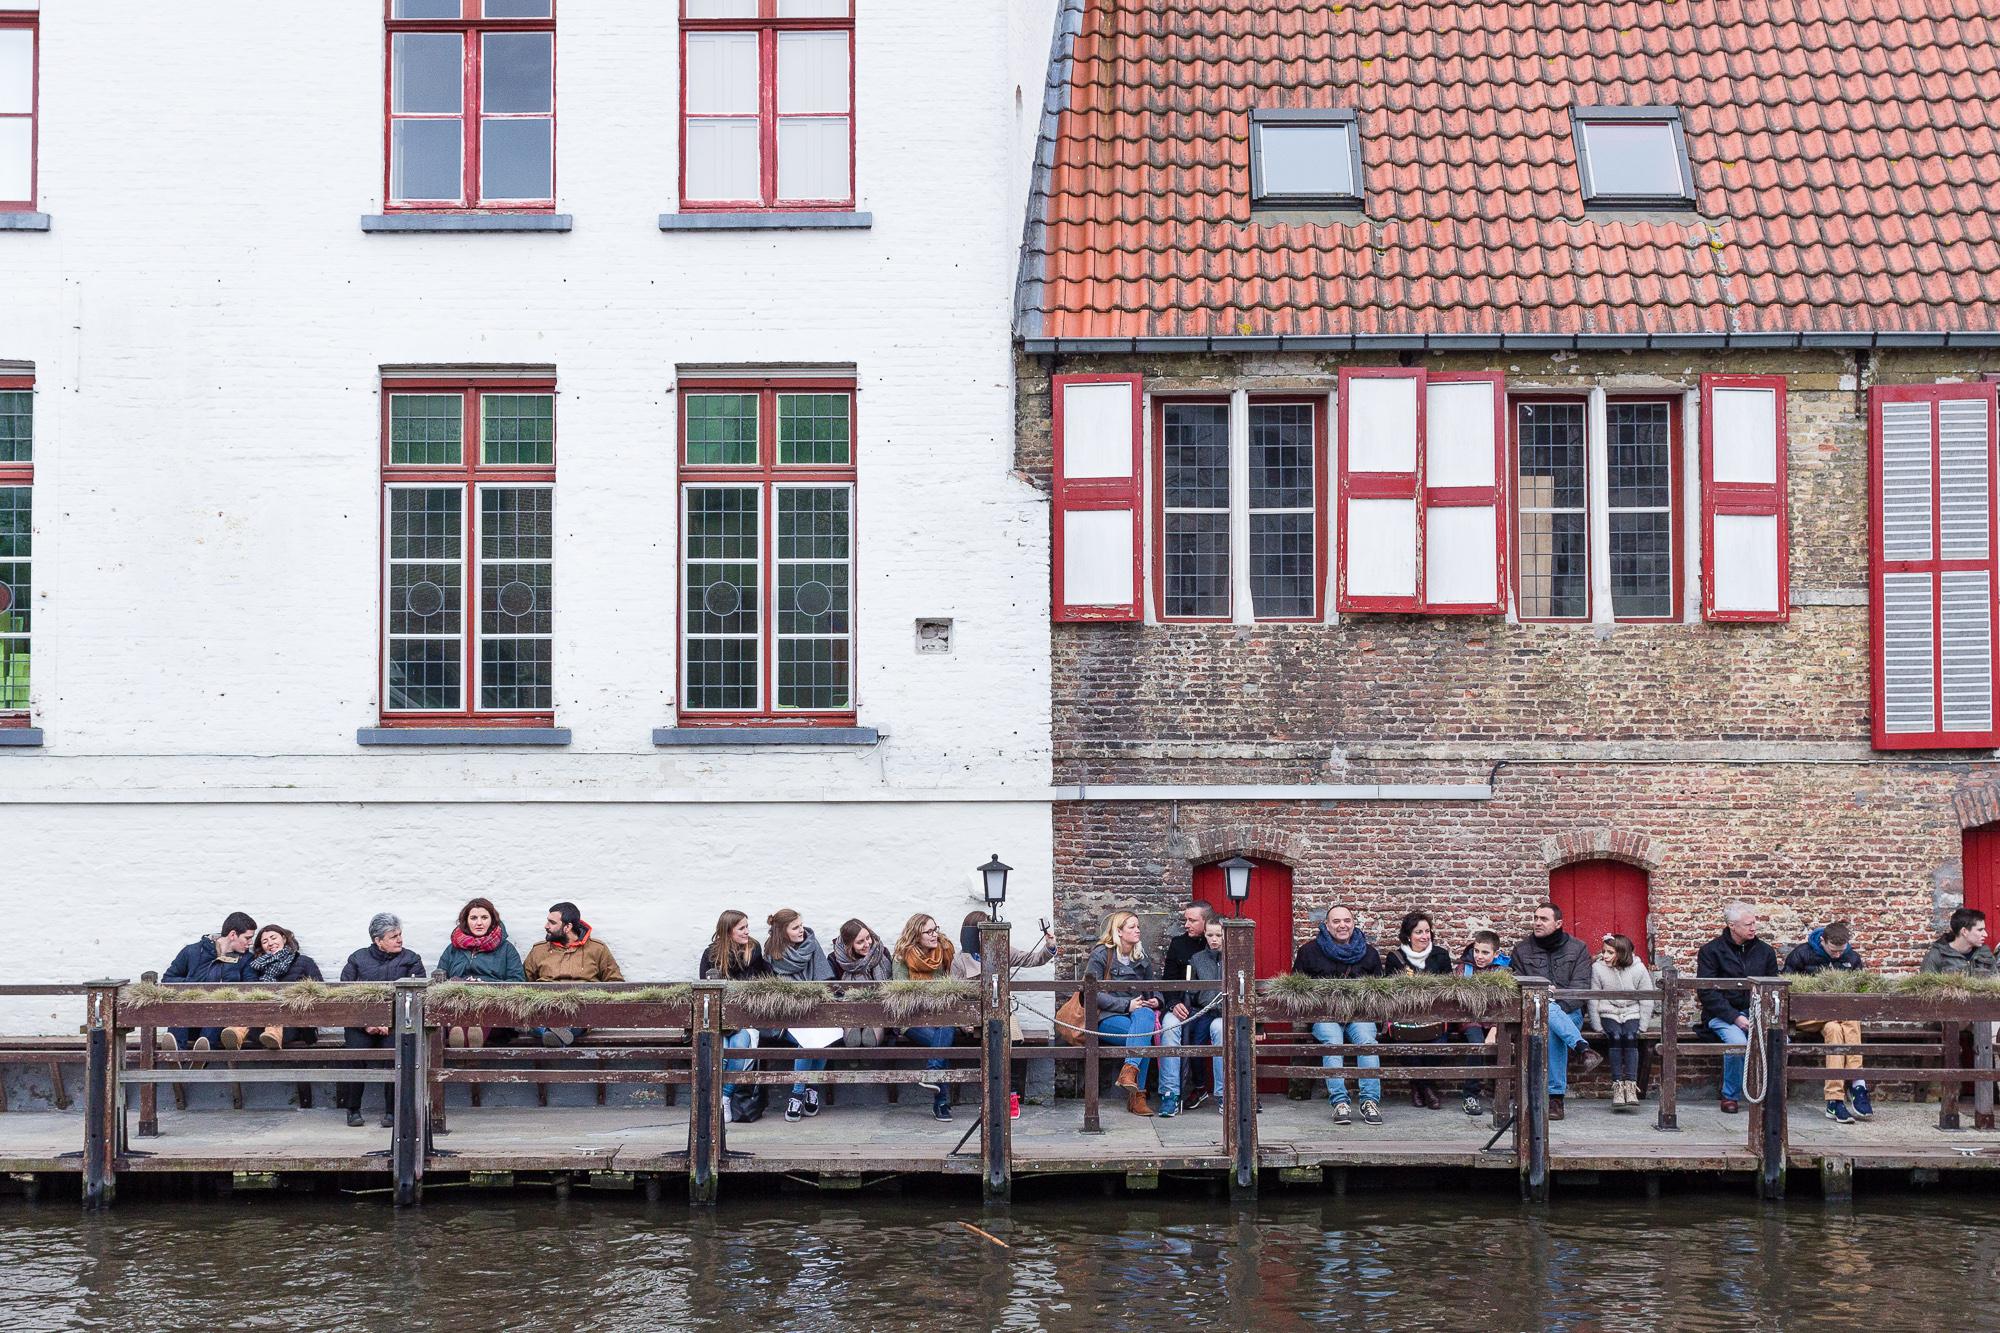 Touristes attendant pour embarquer, canaux de Bruges, Belgique